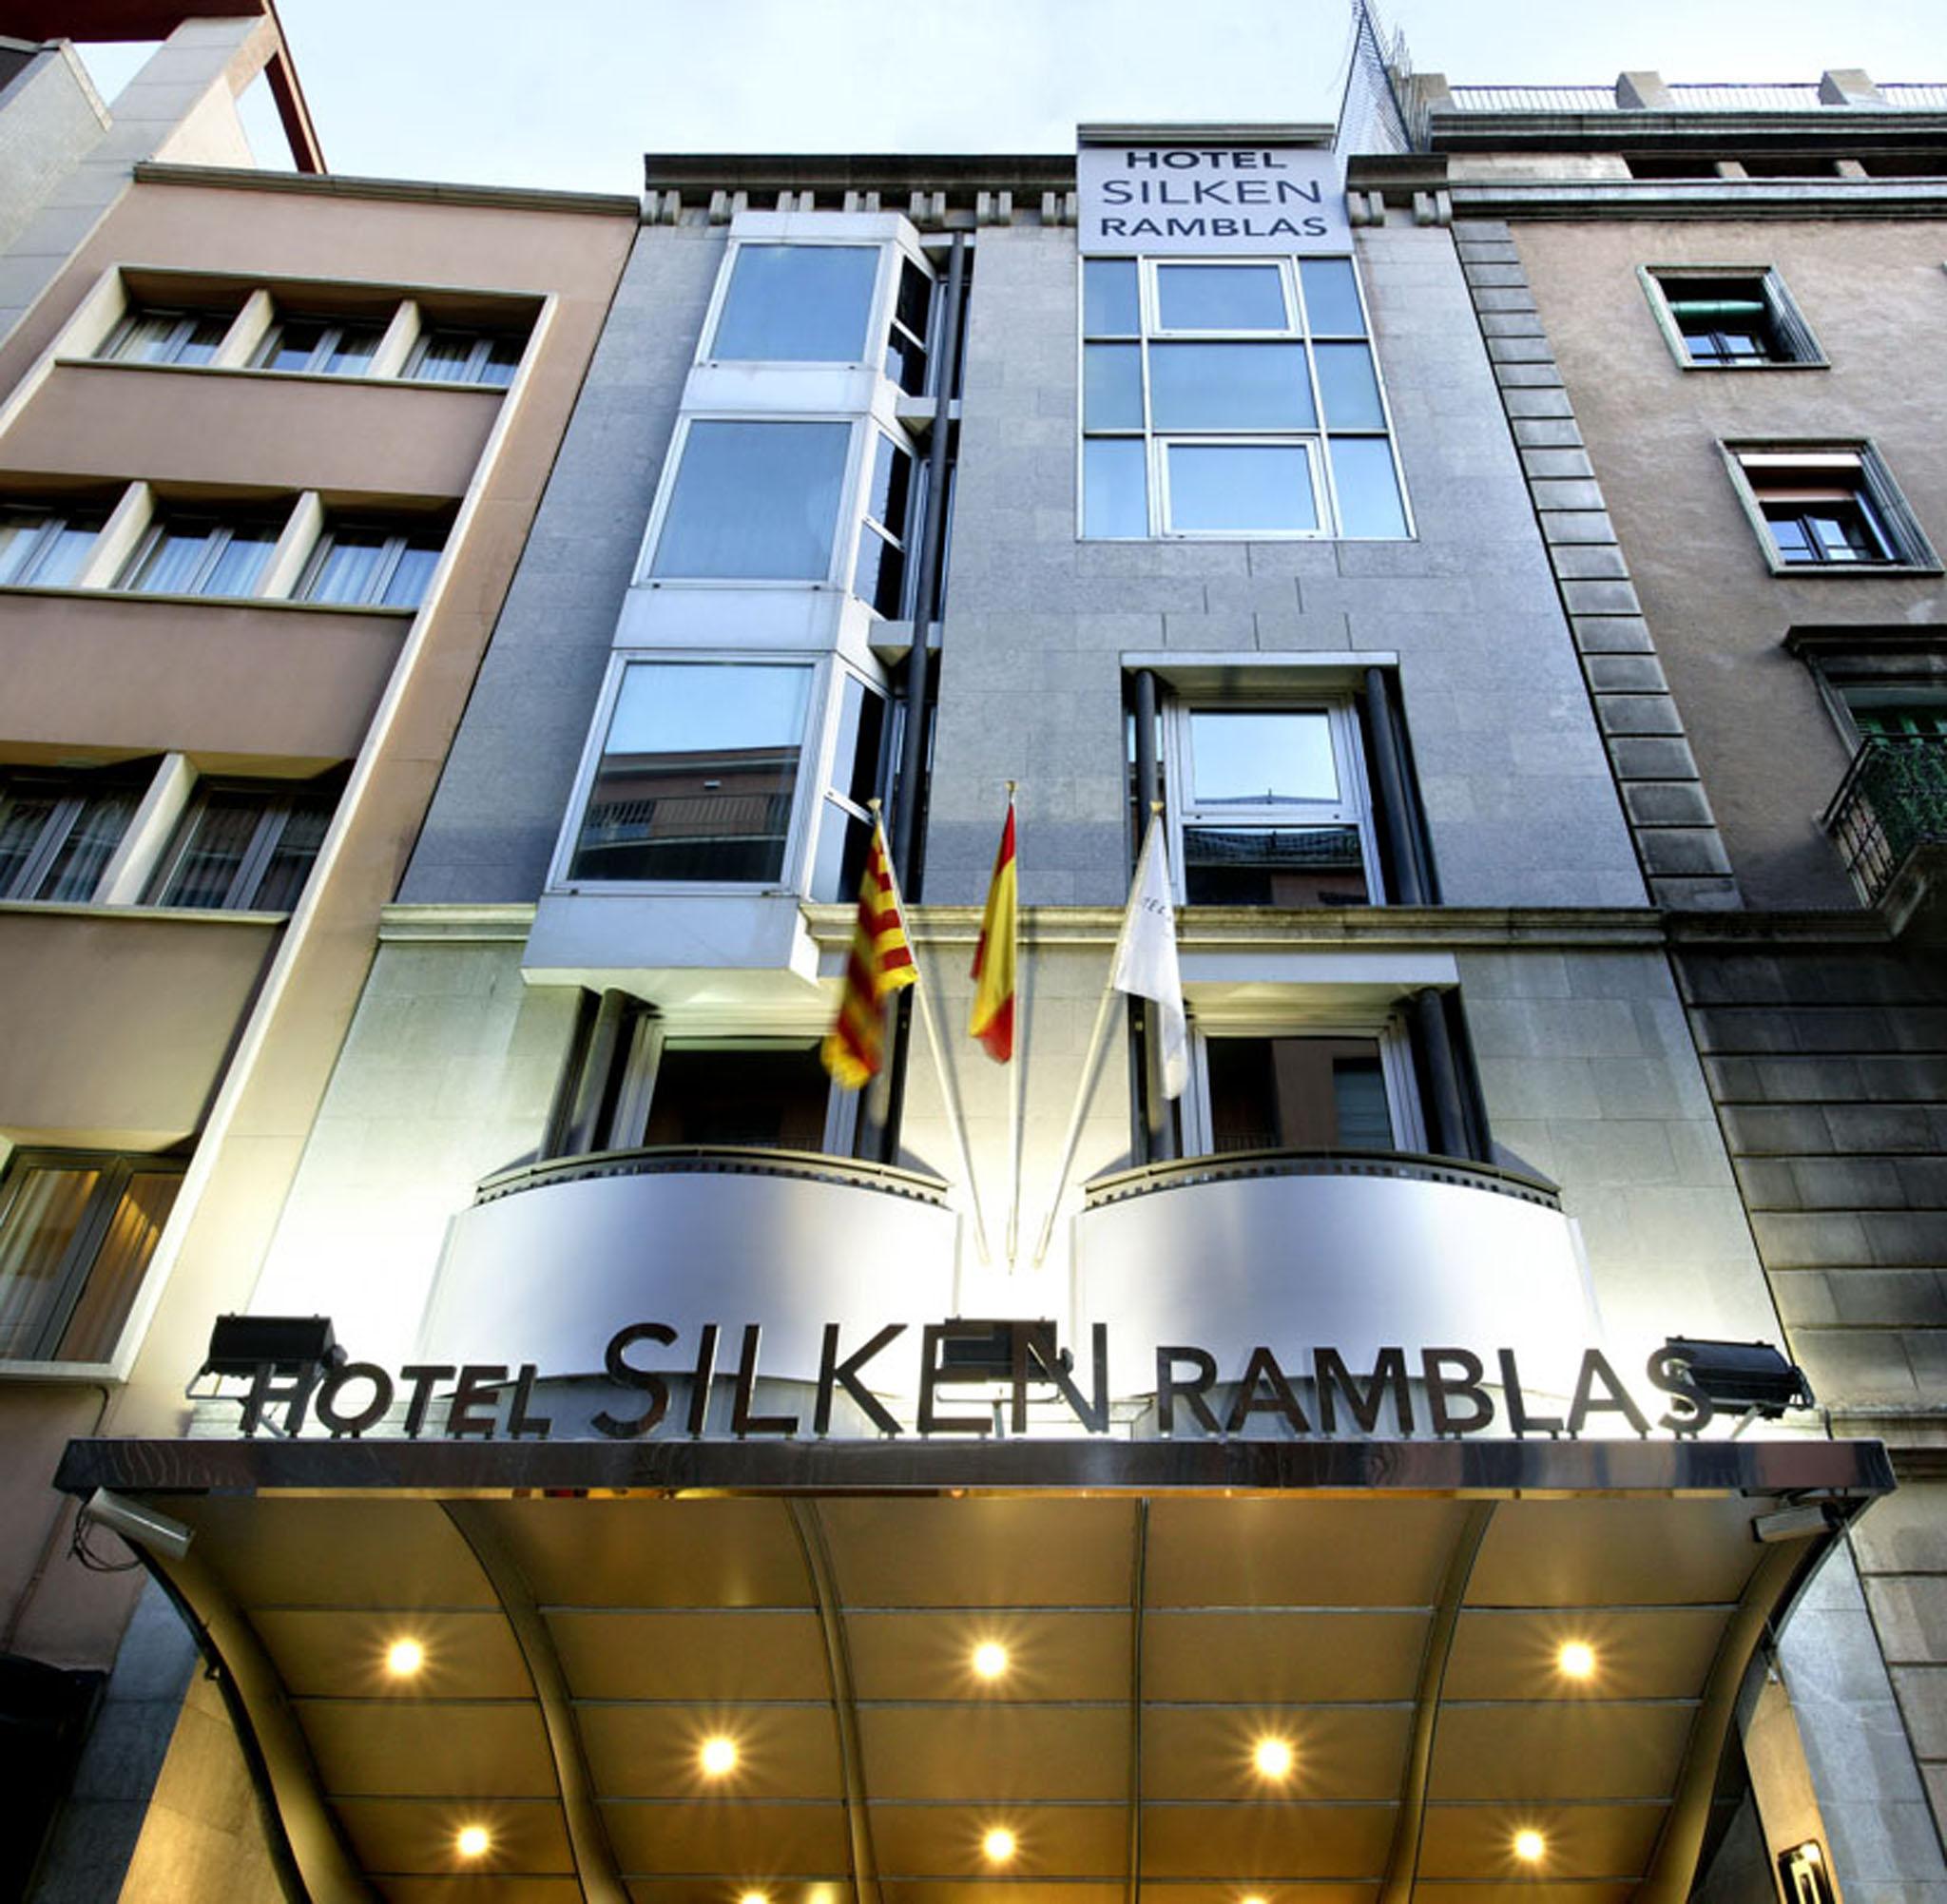 Silken Ramblas (ambassador)